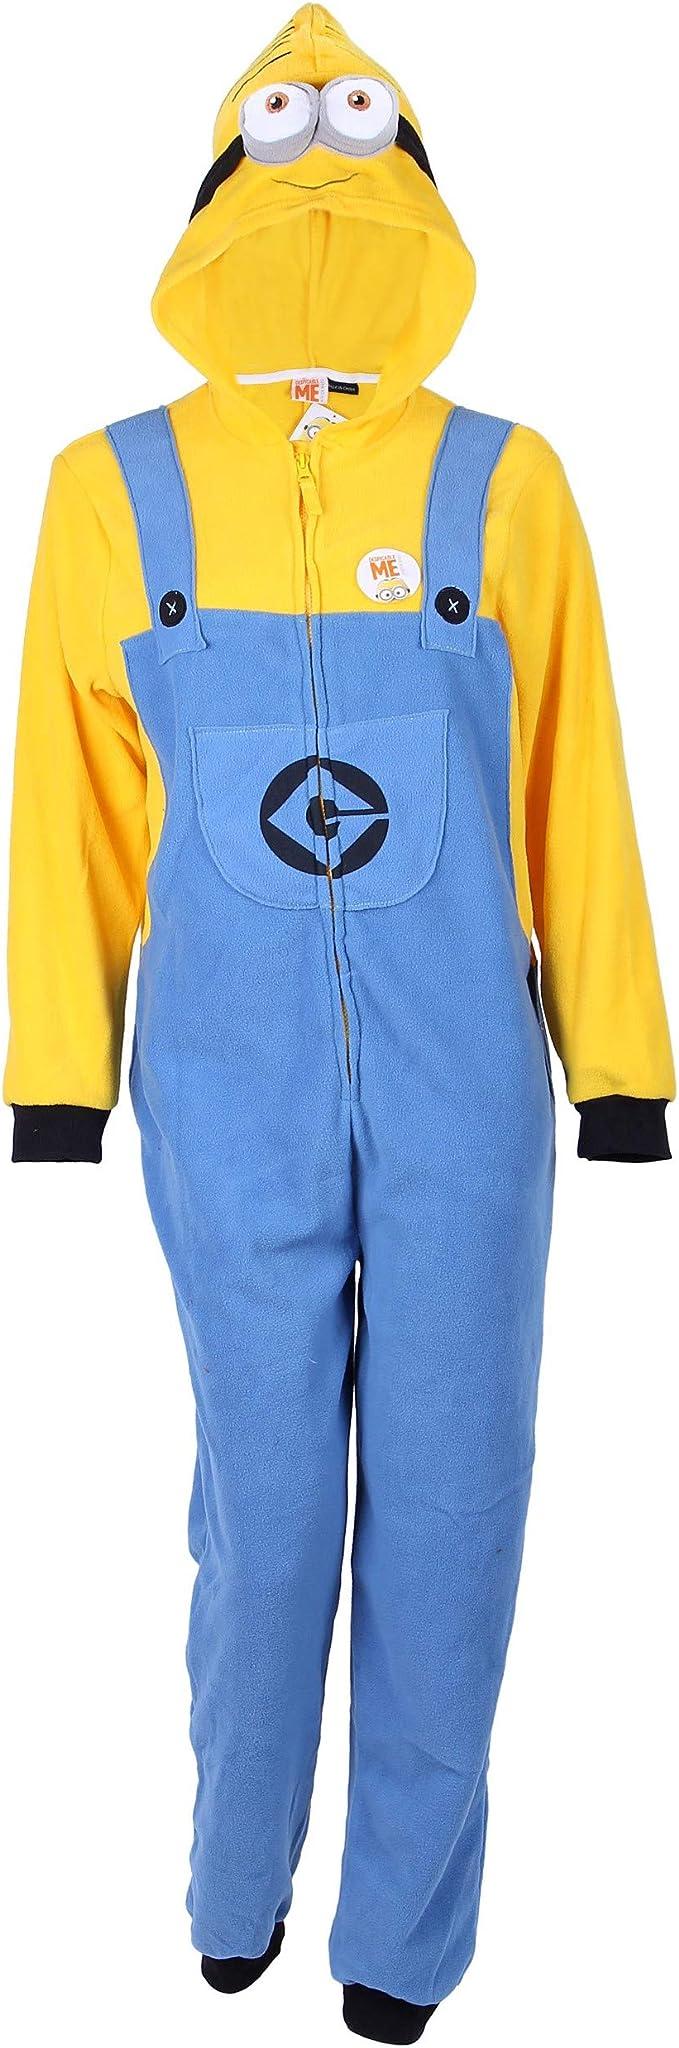 Primark - Pijama de una Pieza - para Hombre Blue - Yellow Small ...